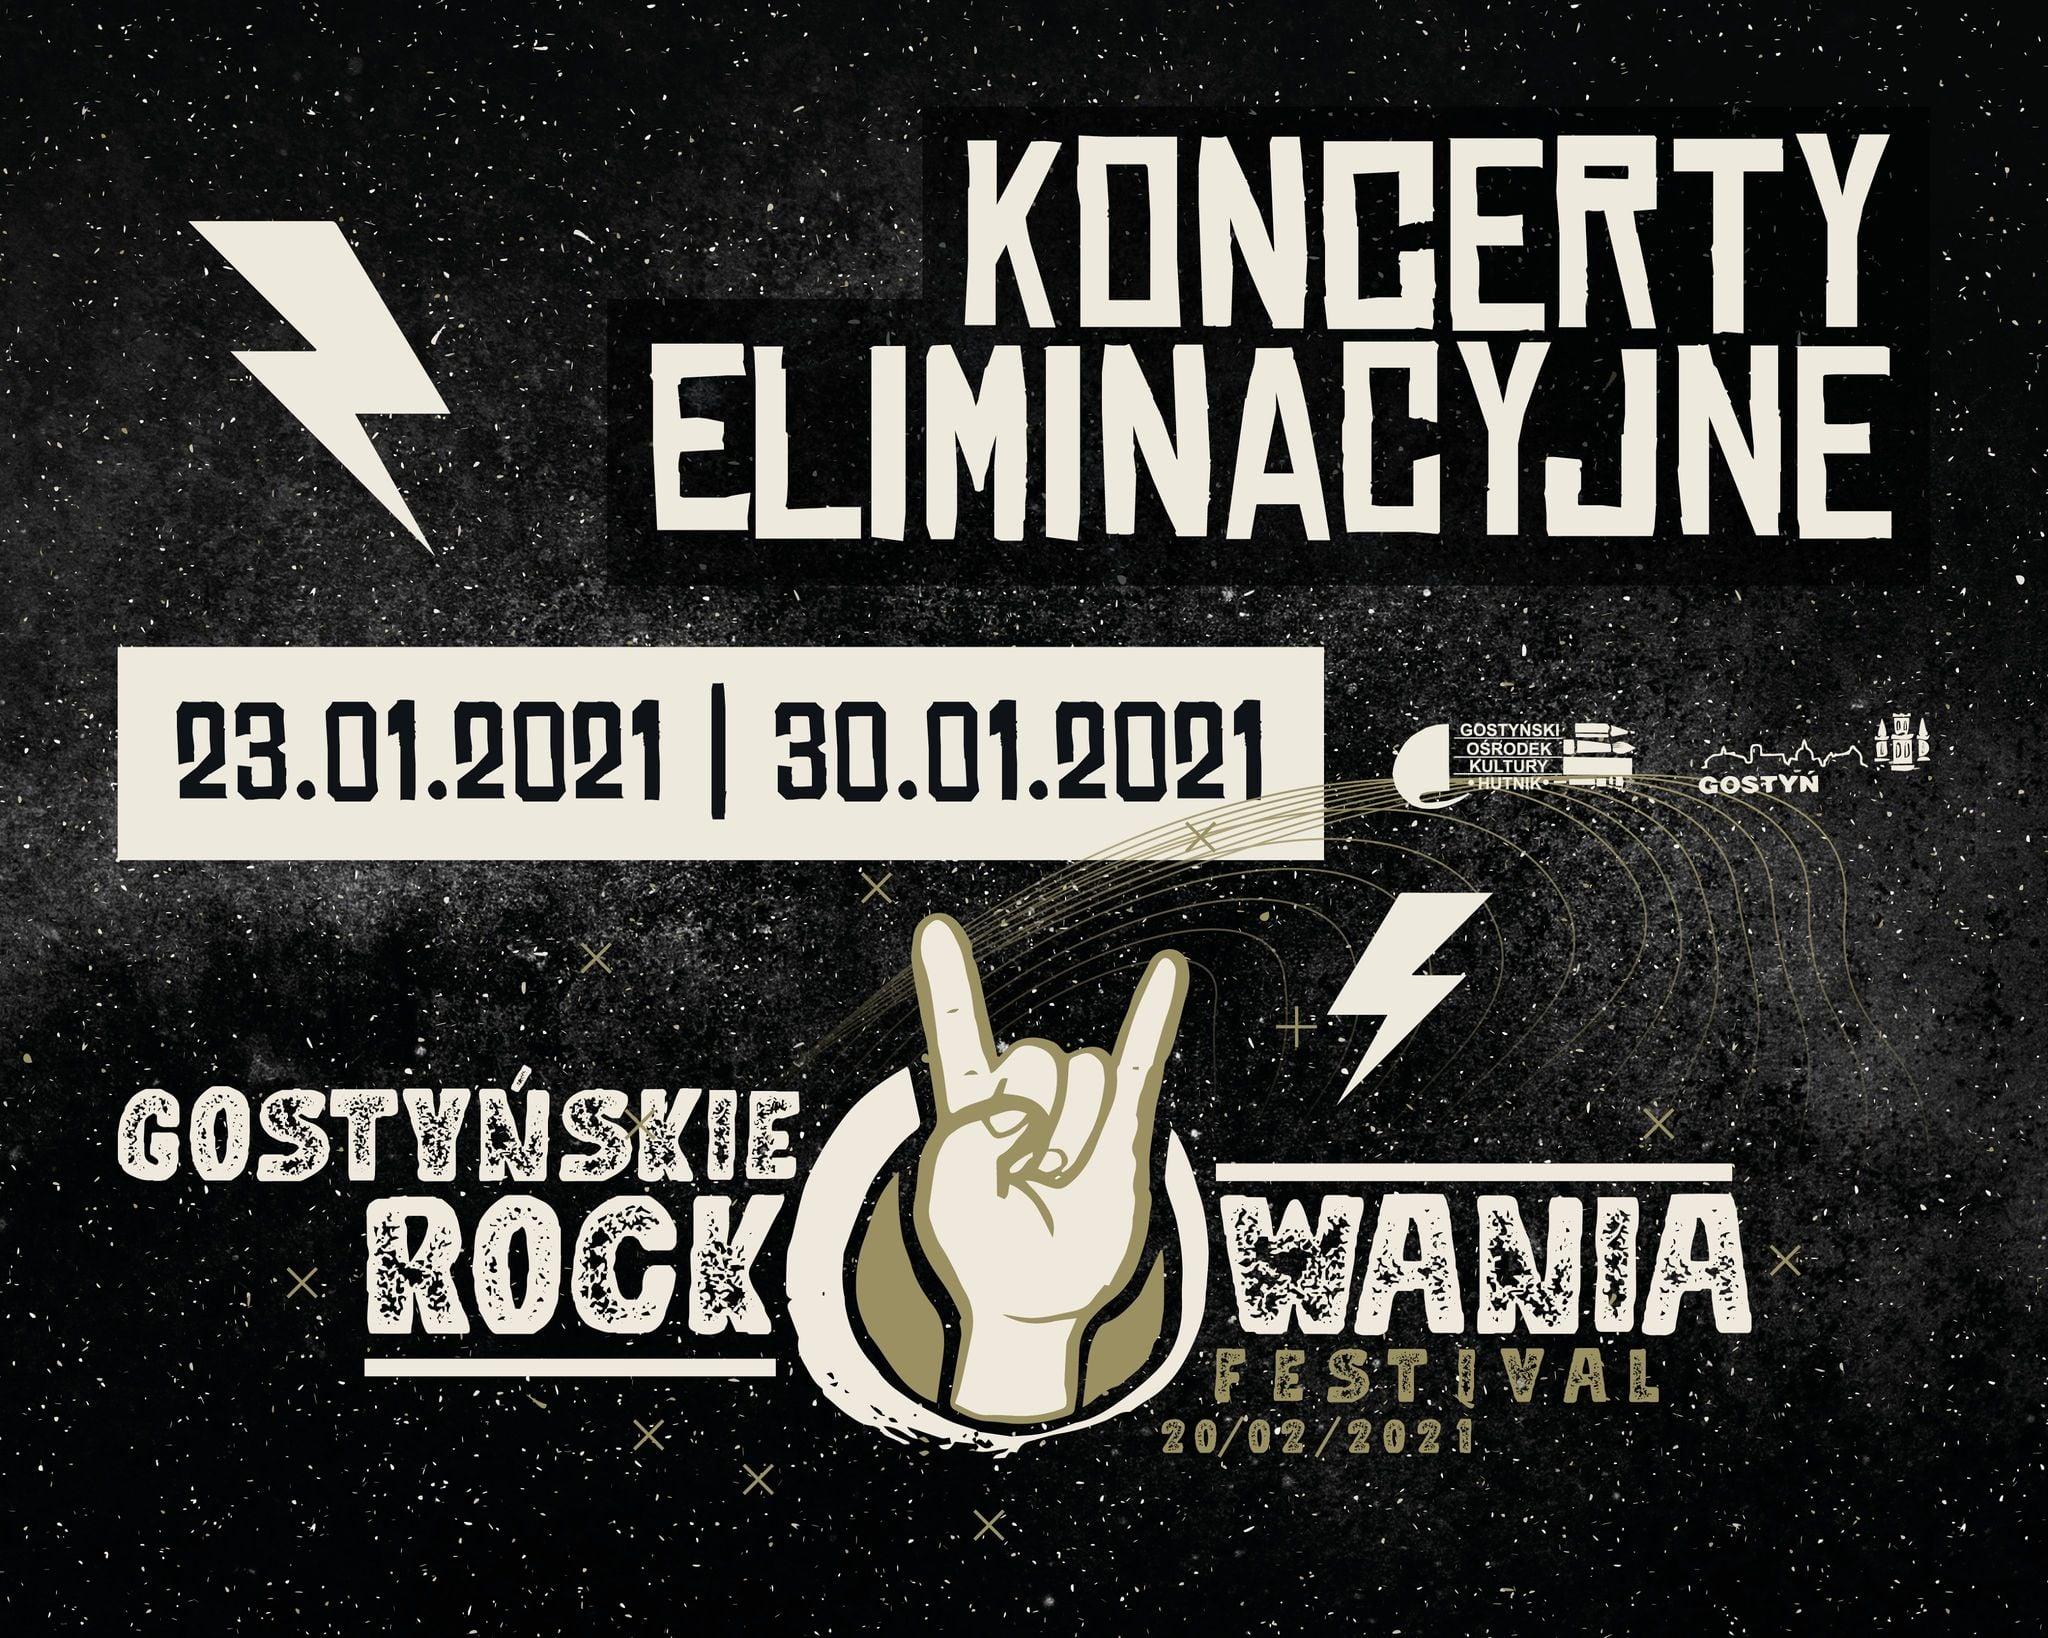 Koncerty eliminacyjne do finału Gostyńskich Rockowań 2021. Polecamy!